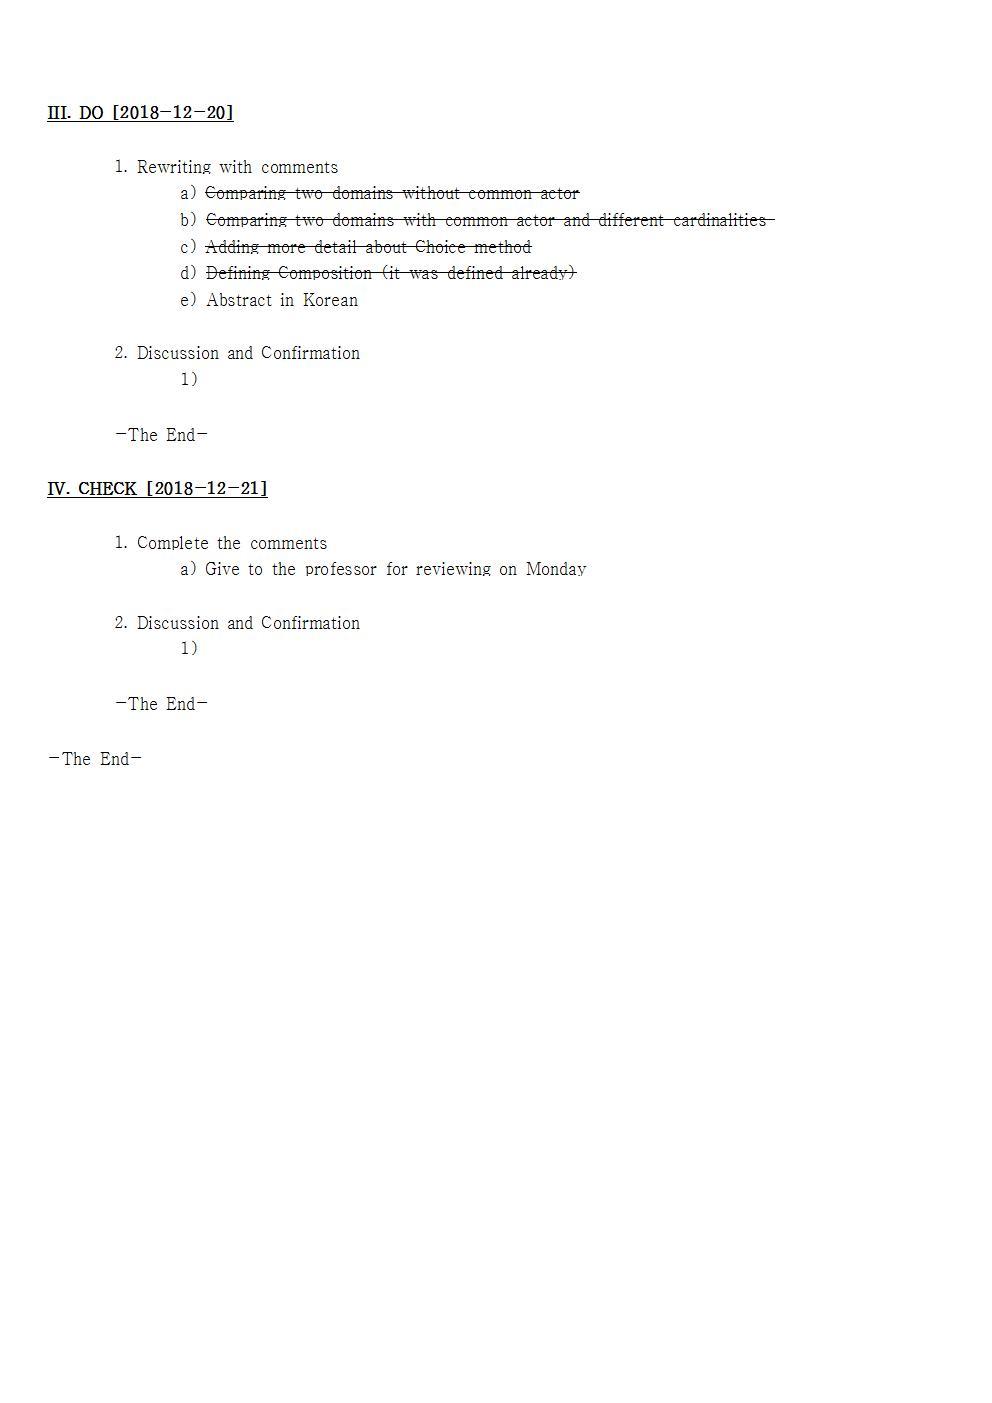 D-[18-039-PP-15]-[MS-Thesis-MR]-[2018-12-21]-[MR]002.jpg